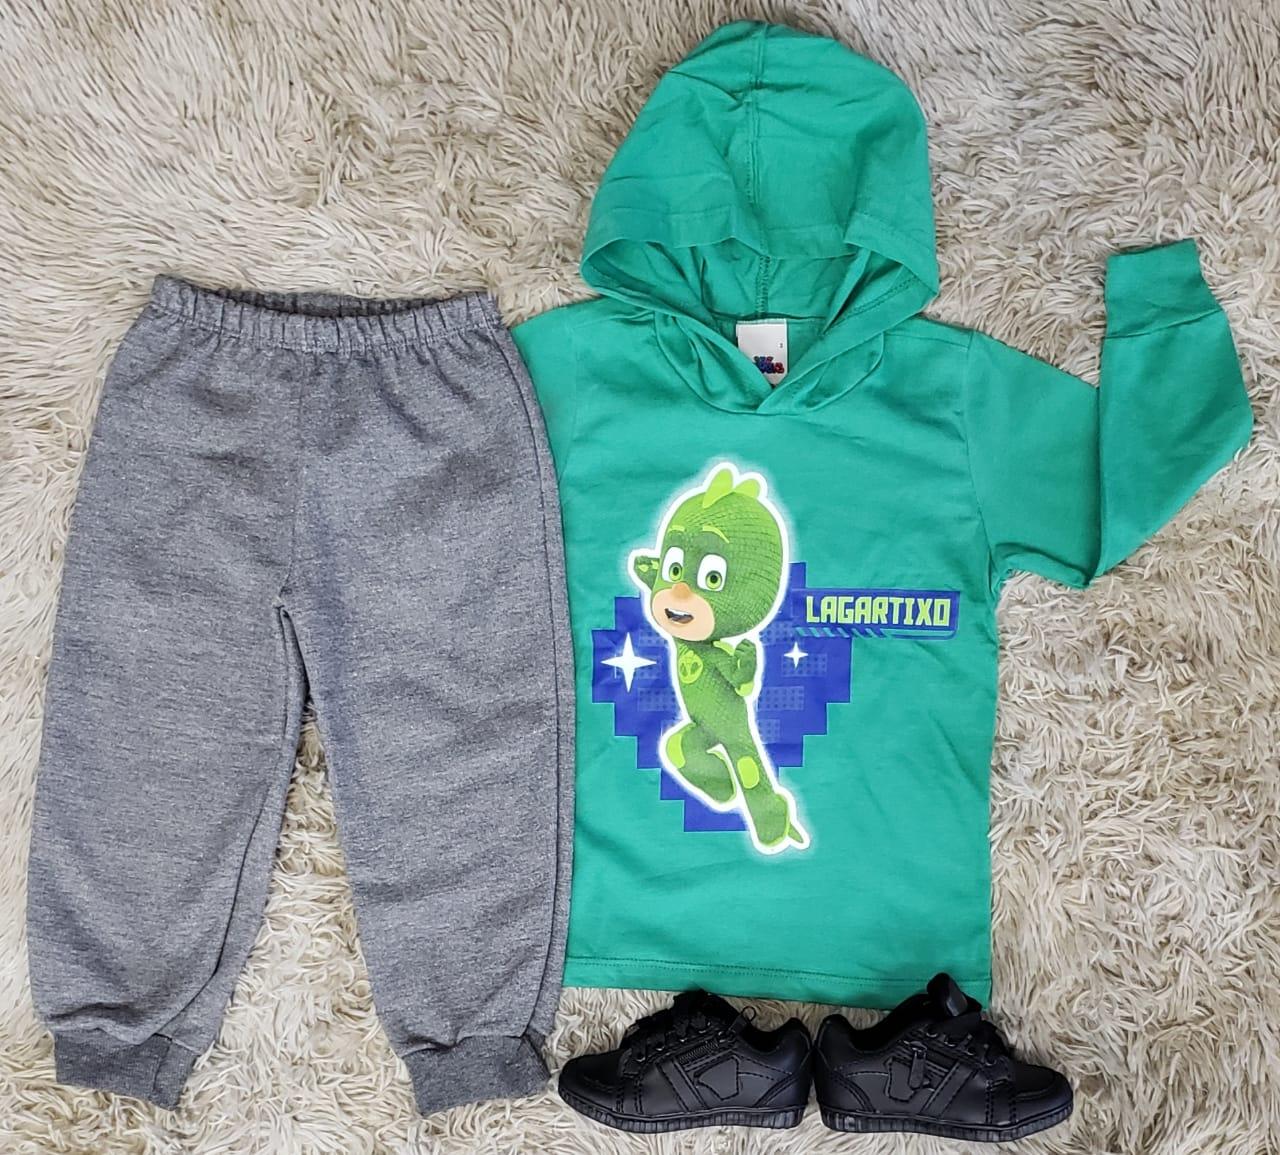 Calça De Moletom Com Camiseta Longa Pj Masks Infantil